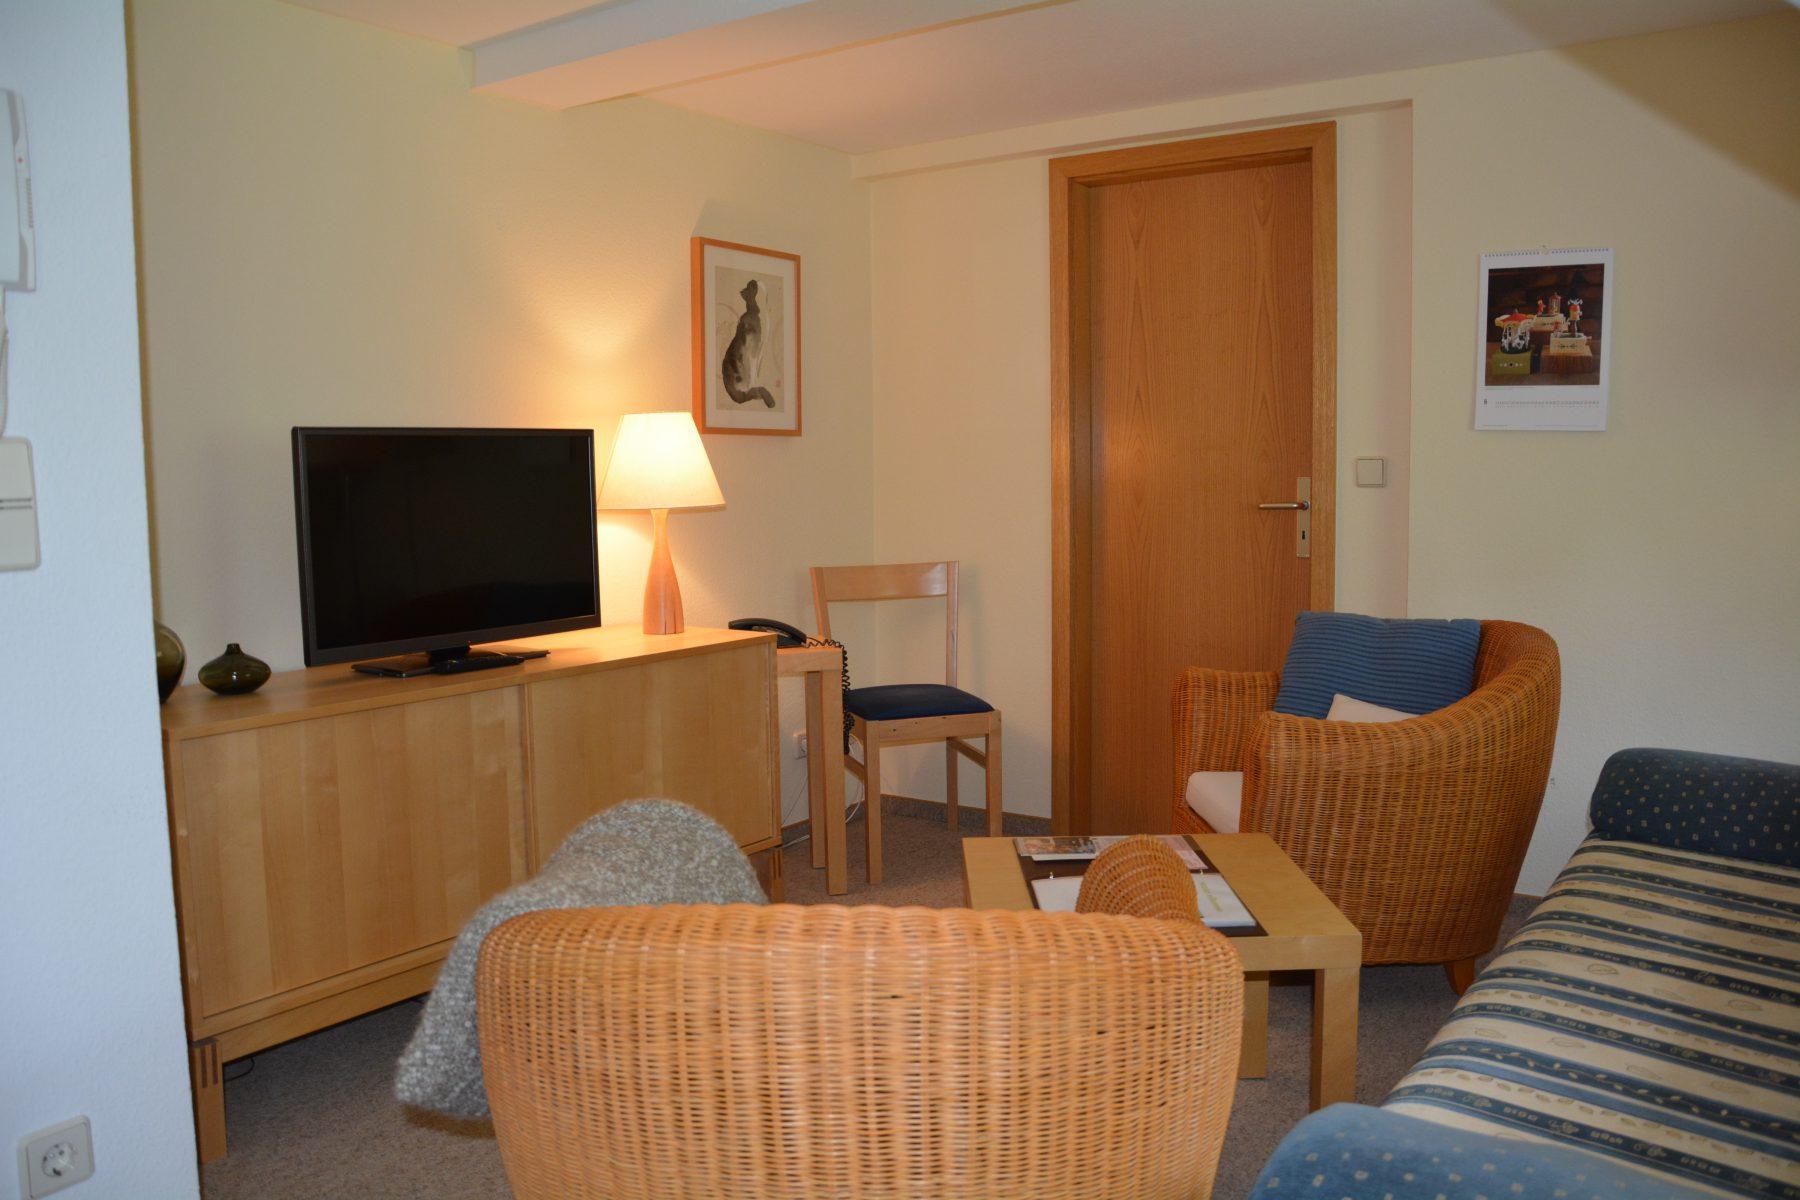 Ferienwohnung im Verlegerhaus Seiffen Kategorie N2a Detail Wohnzimmer